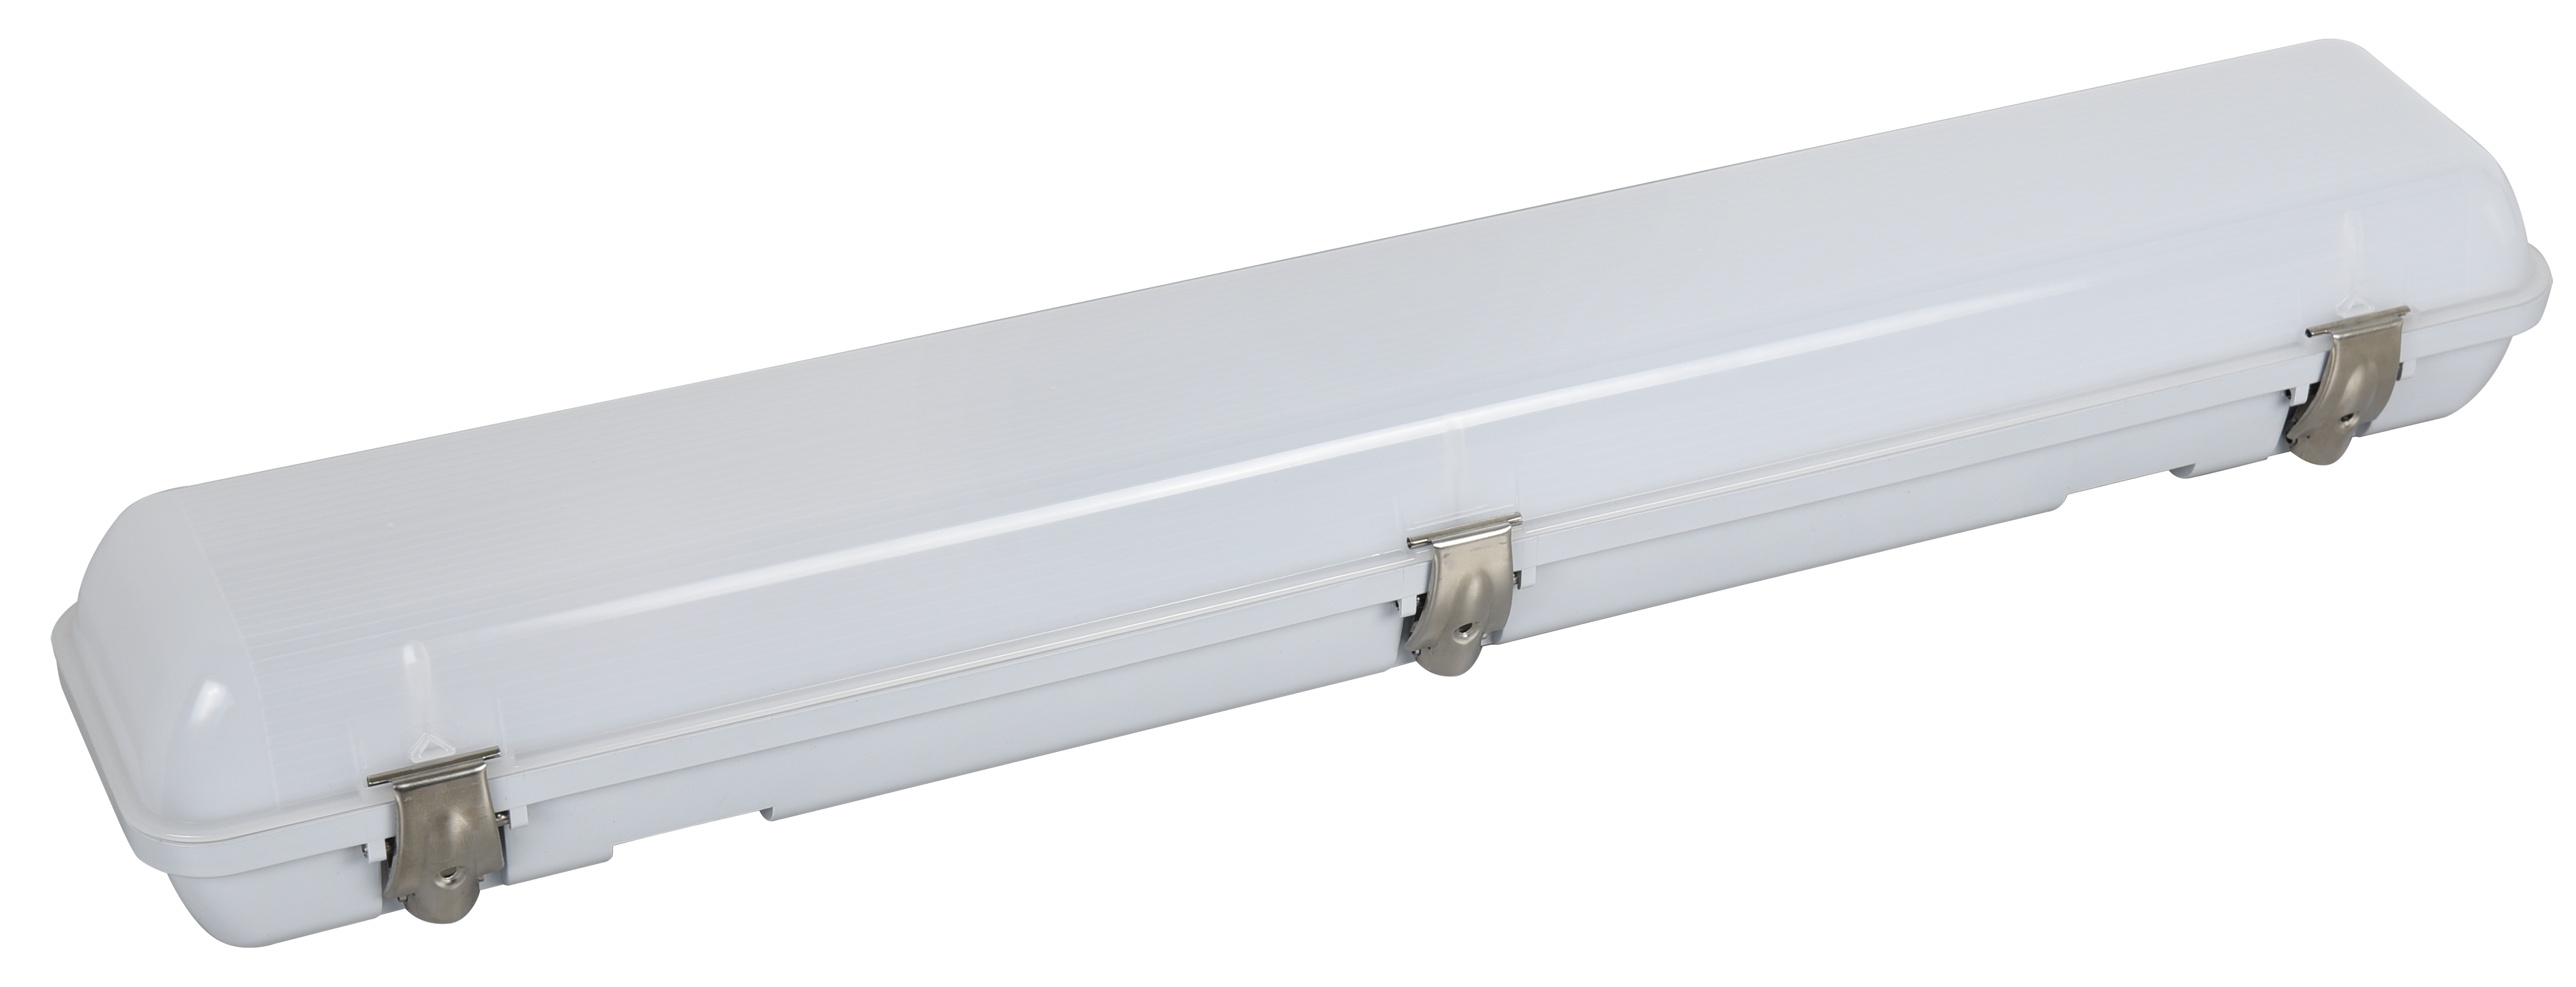 Tempest V IP65 Sensor and Emergency Batten